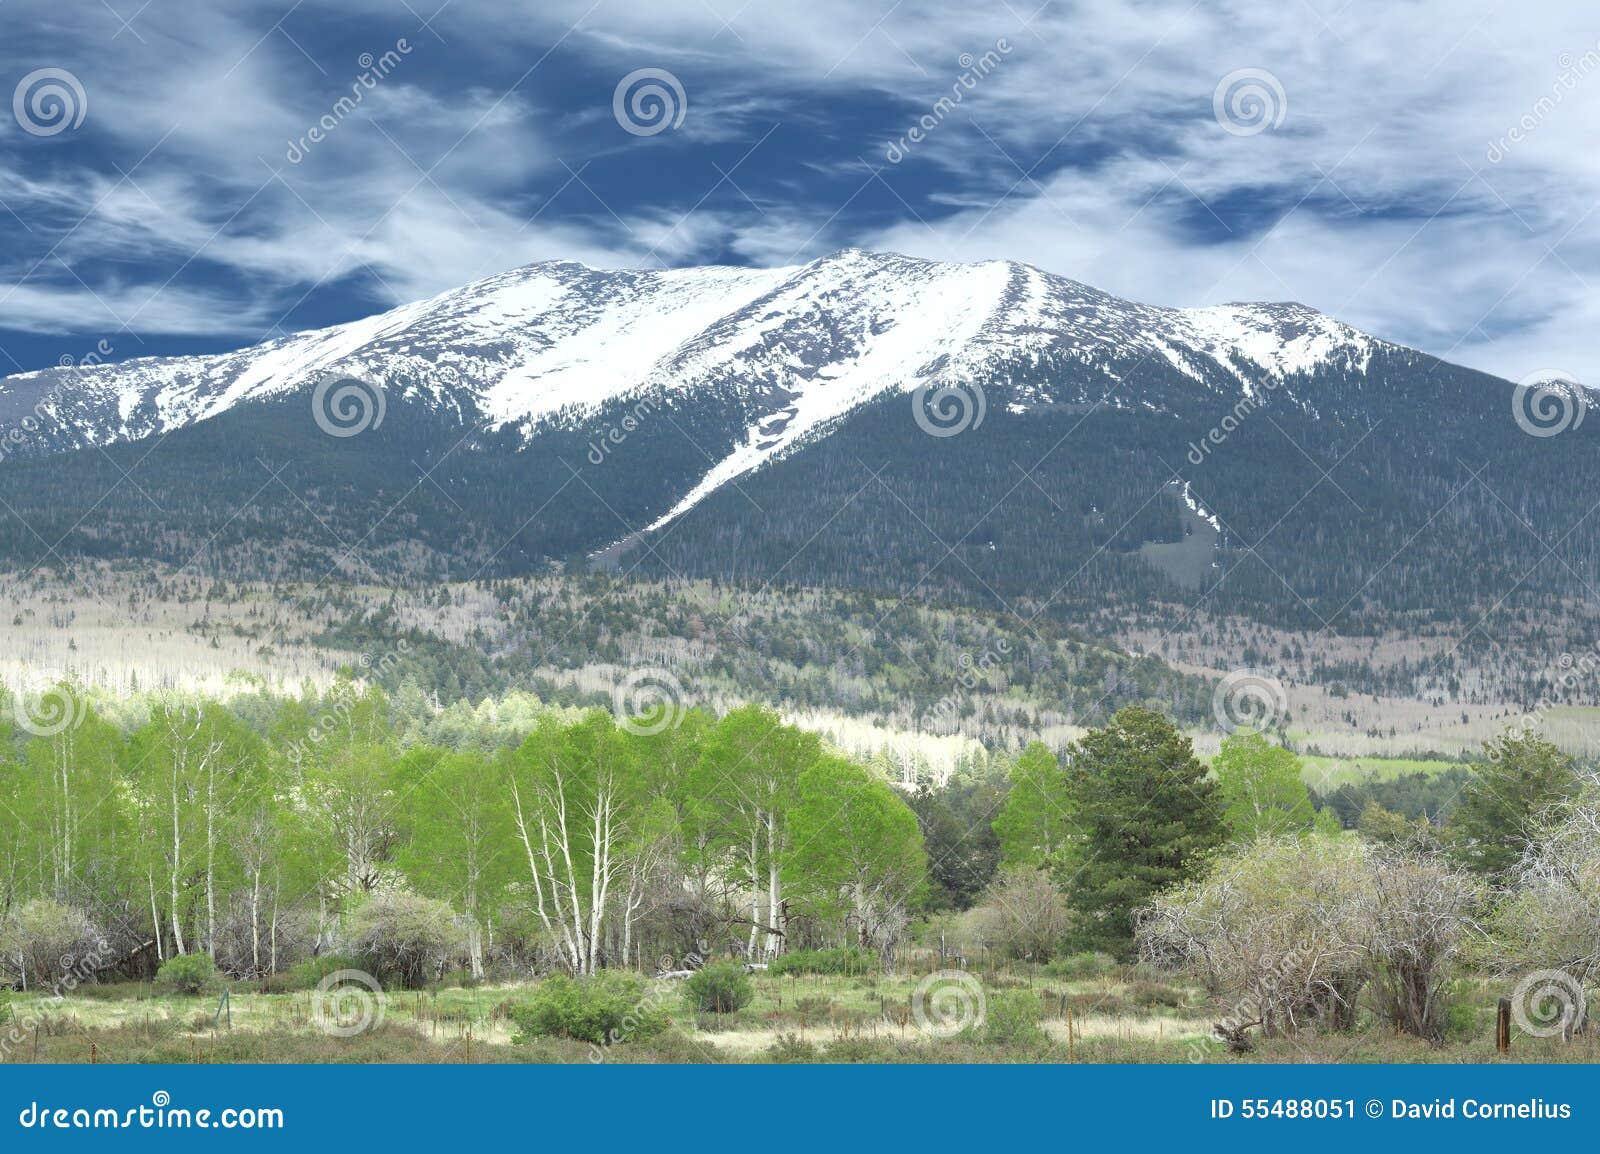 Montaña coronada de nieve